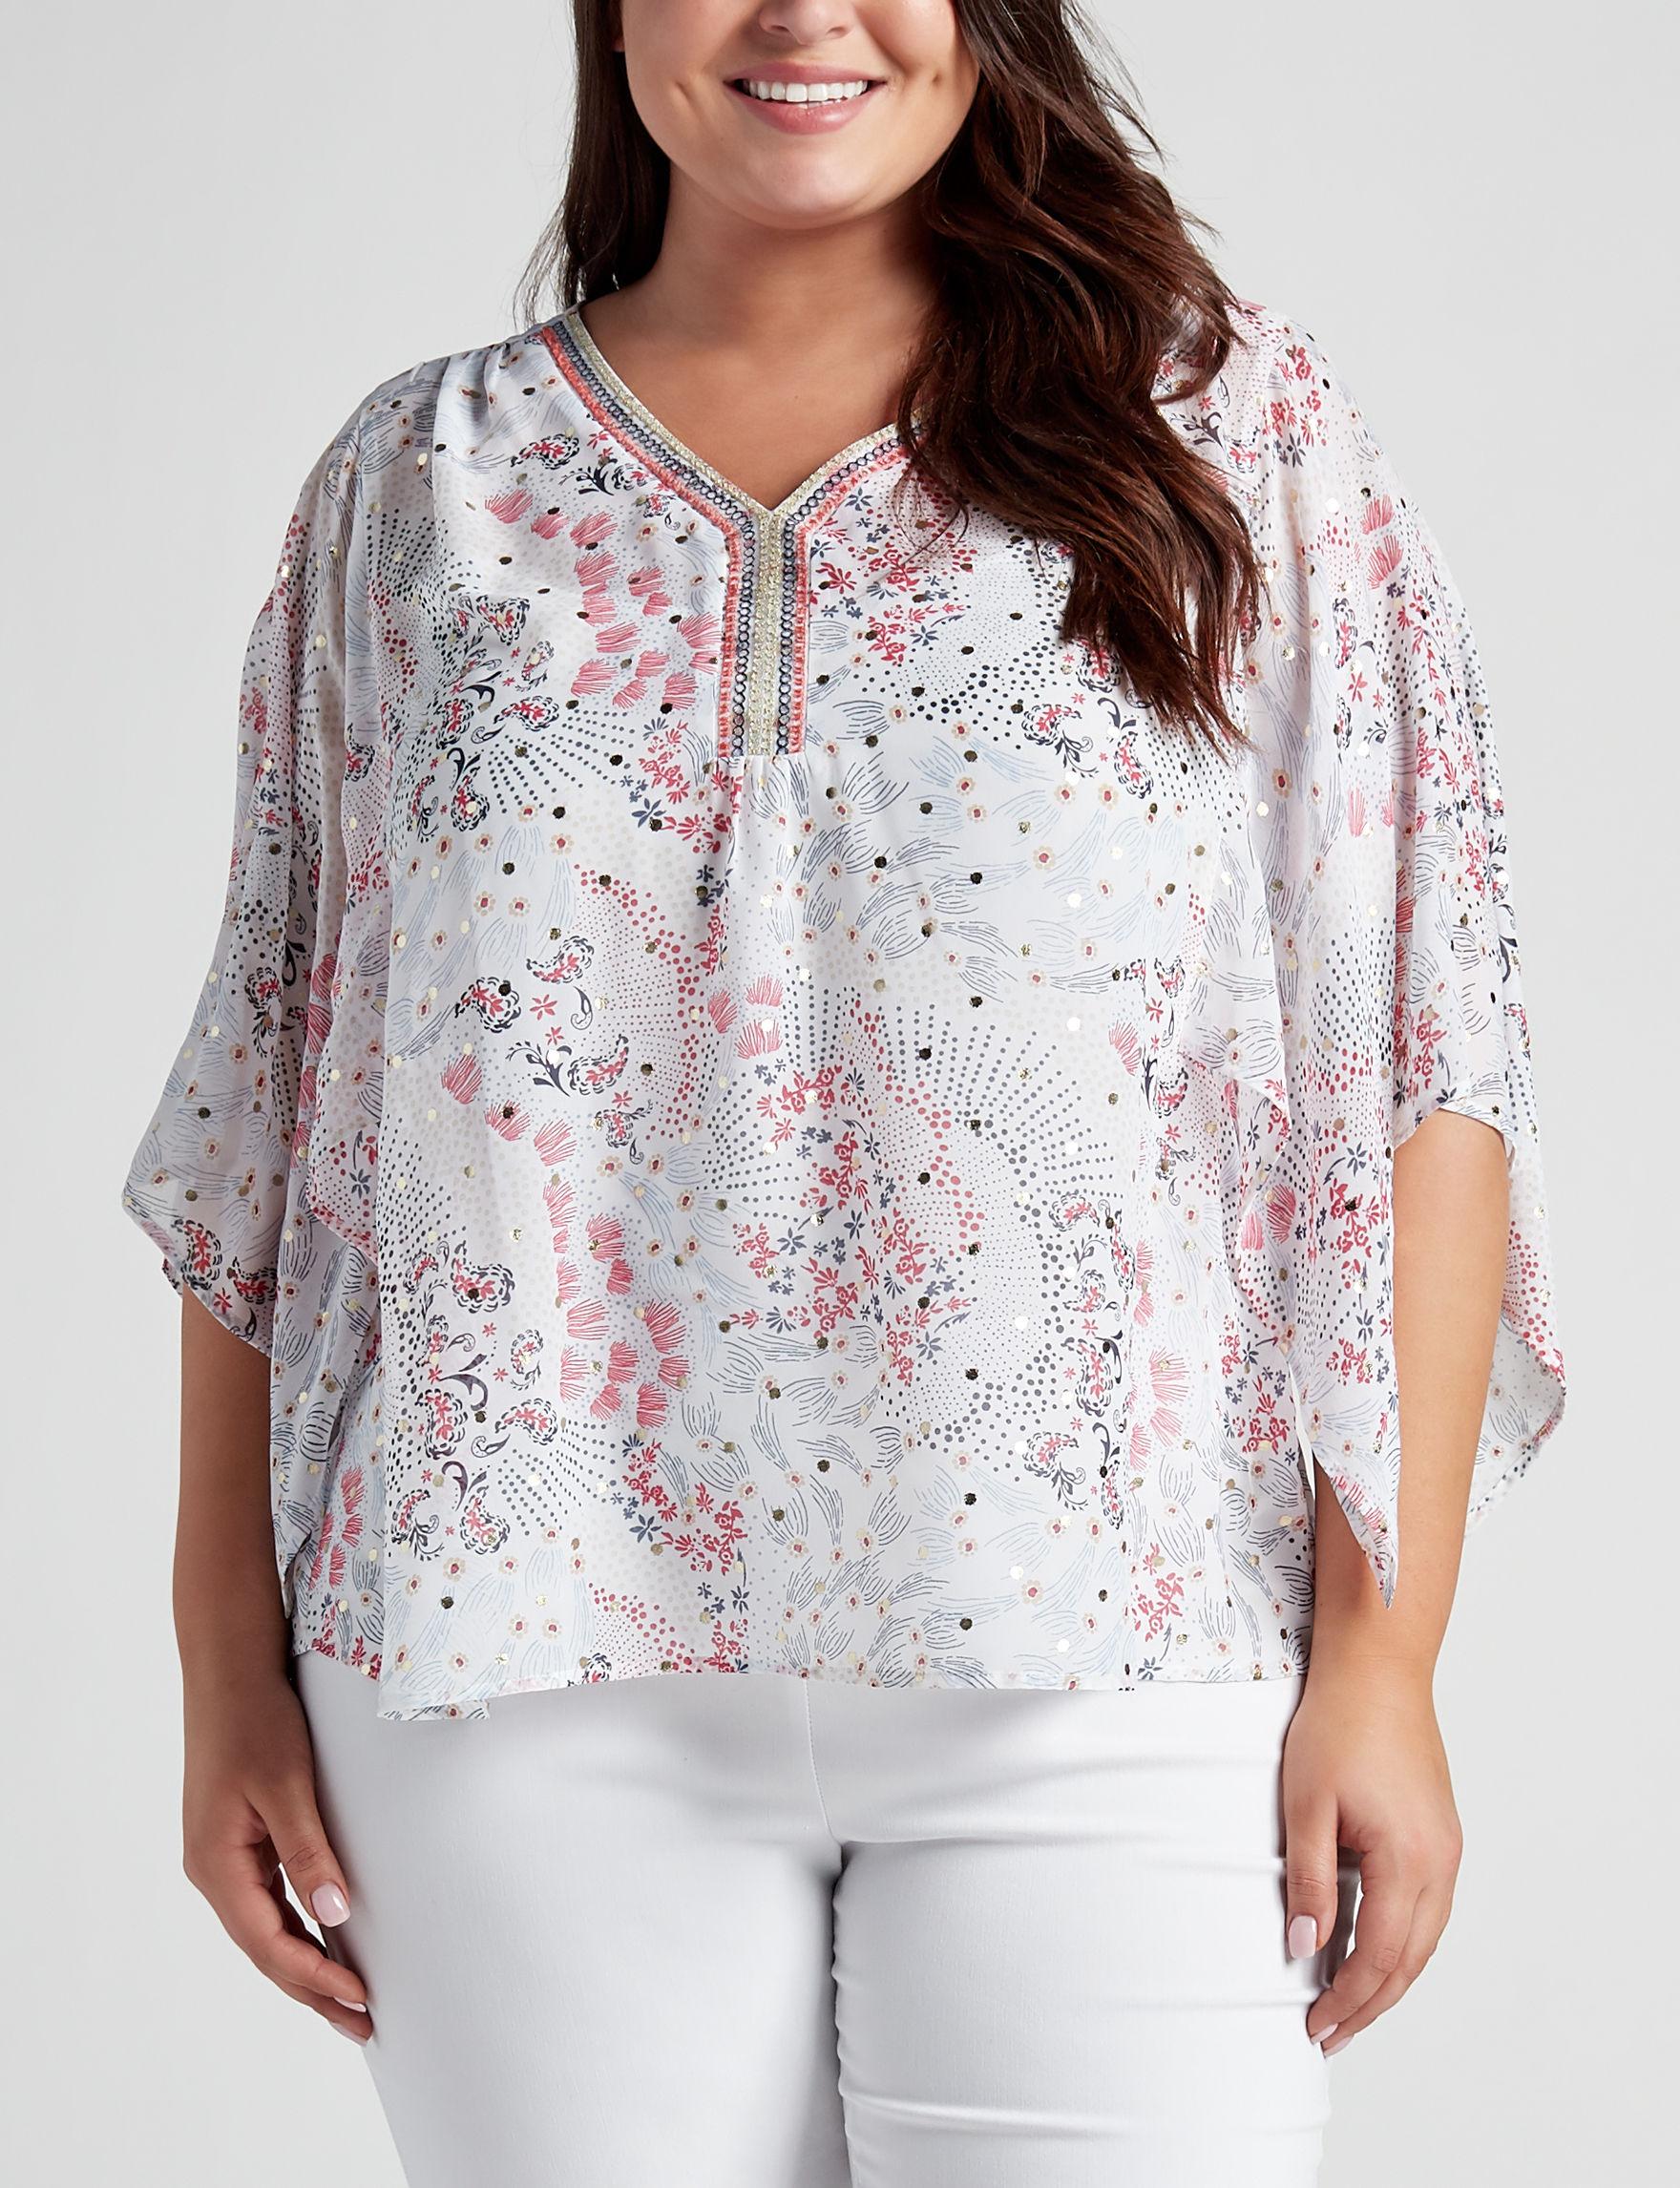 Valerie Stevens White Multi Shirts & Blouses